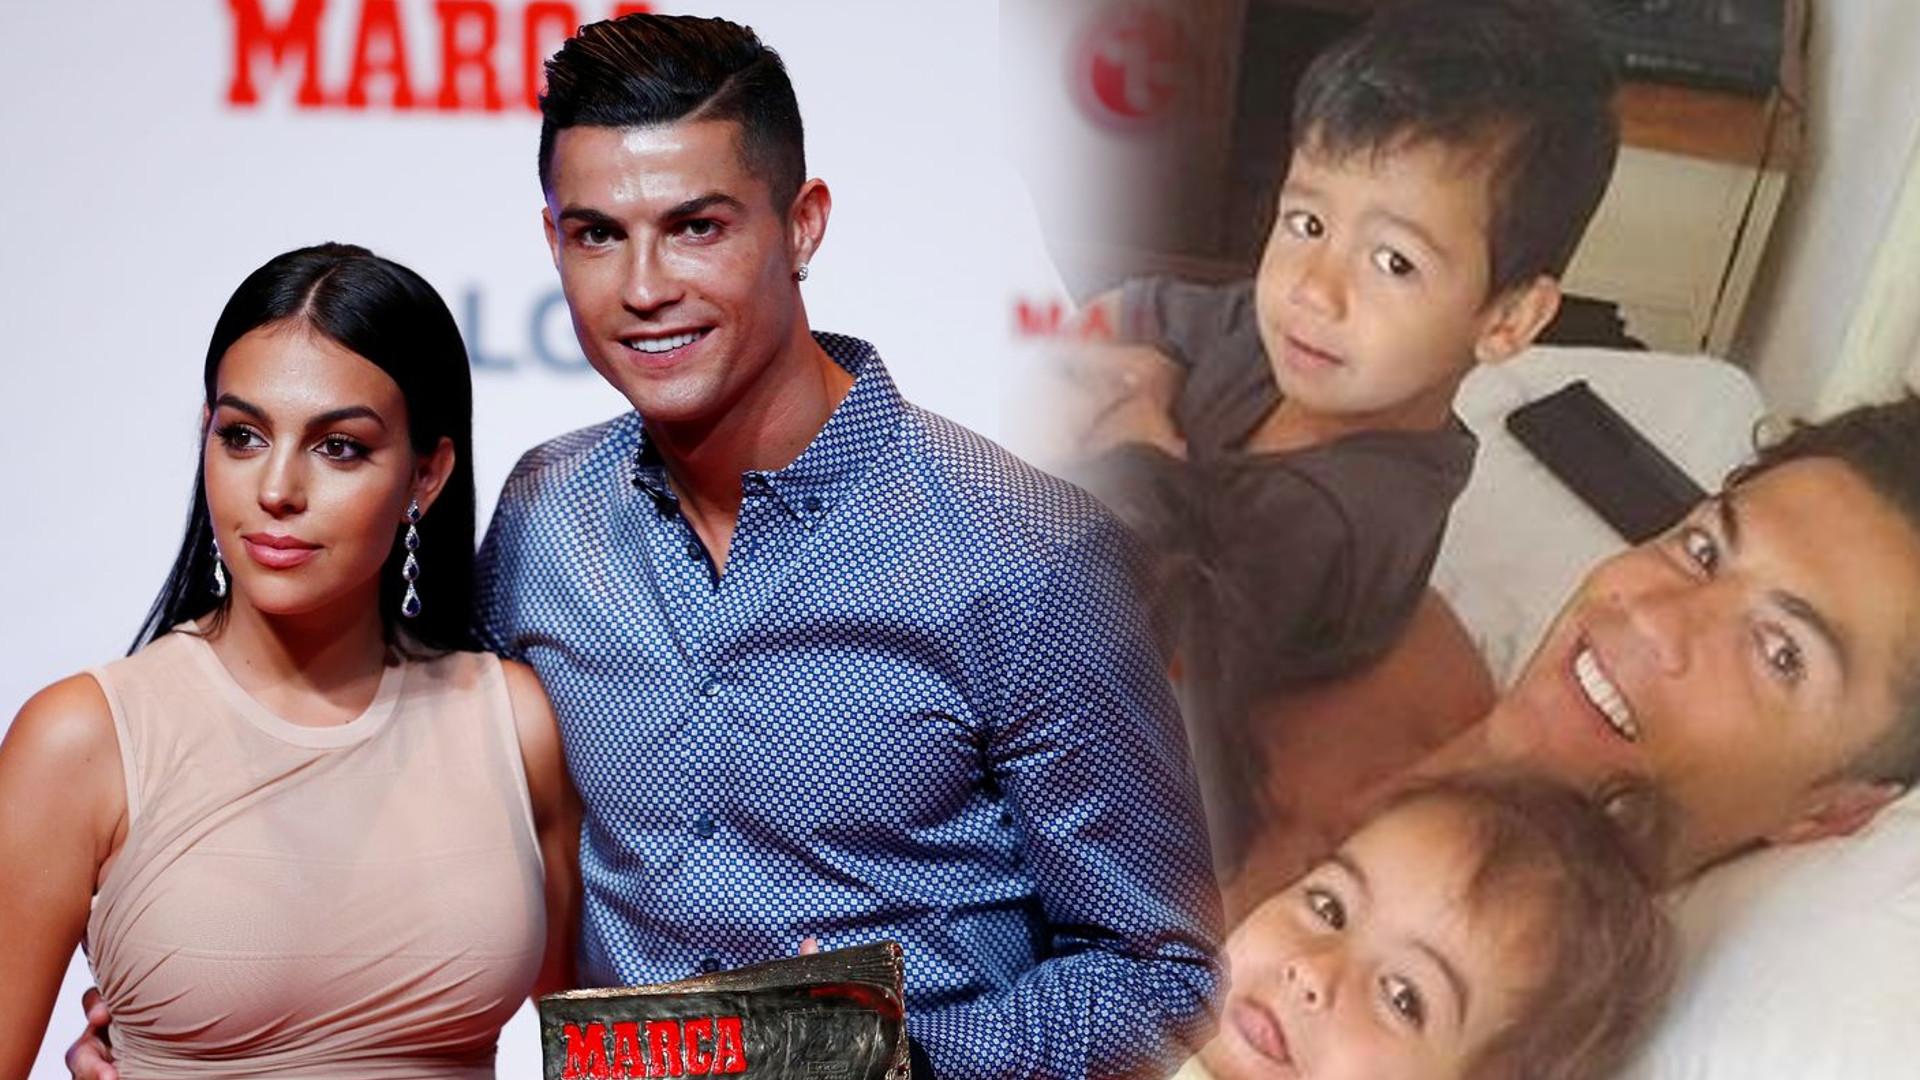 Cristiano Ronaldo pokazał zdjęcia z dziećmi, a w tle możemy zobaczyć jego luksusowy SALON